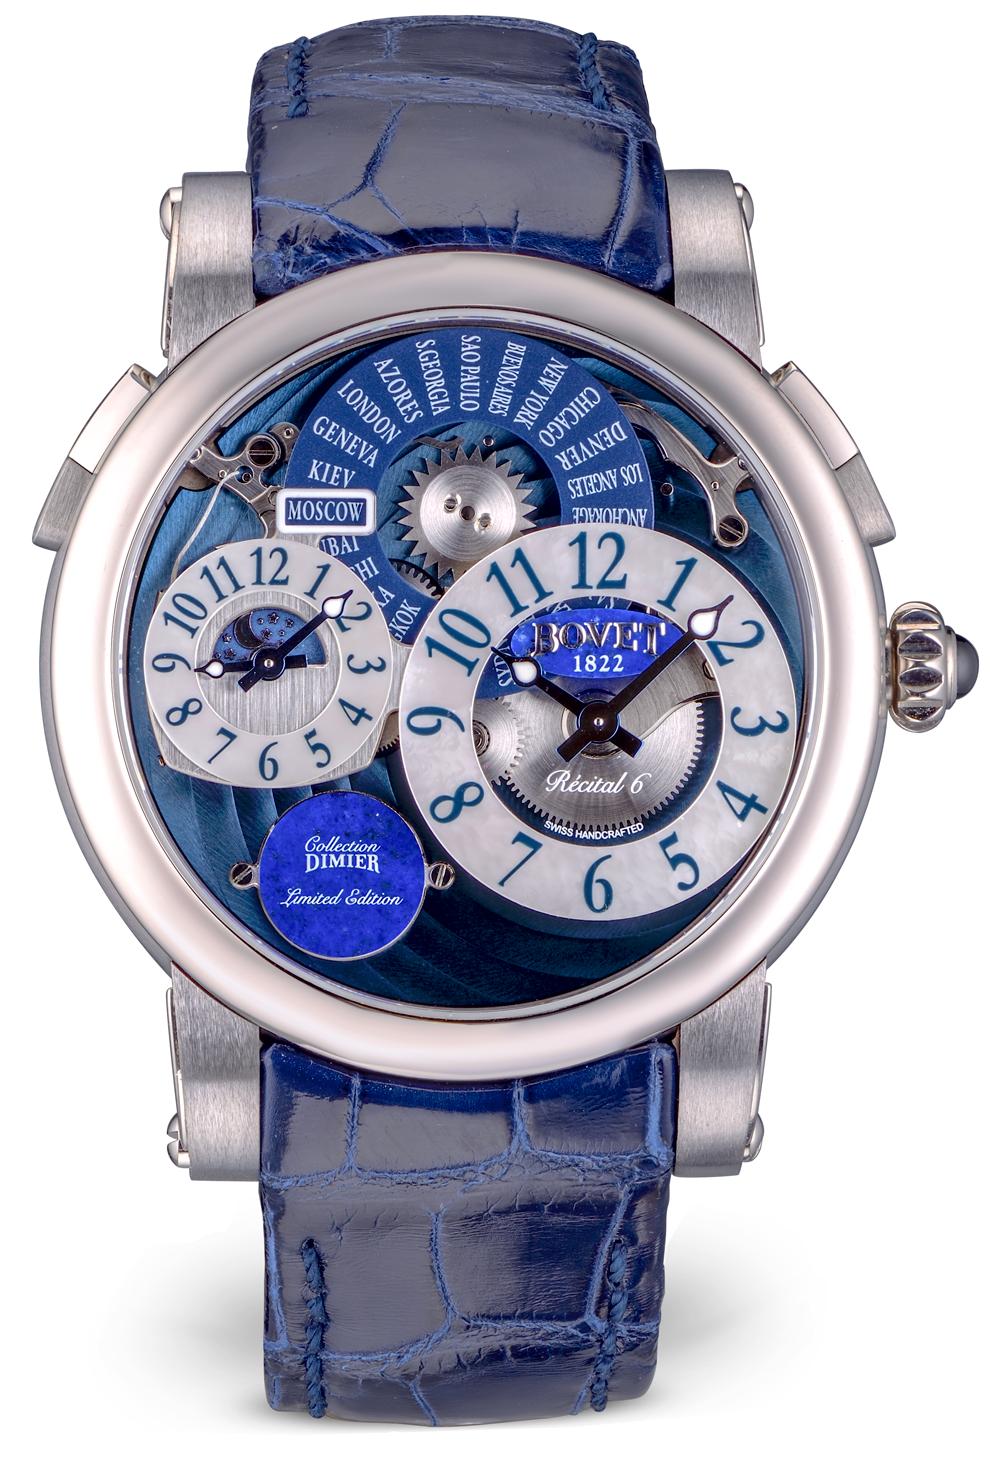 832c48a6a Купить Швейцарские часы Bovet Collection Dimier по выгодной цене - ломбард  «Випломбард» Moscow,